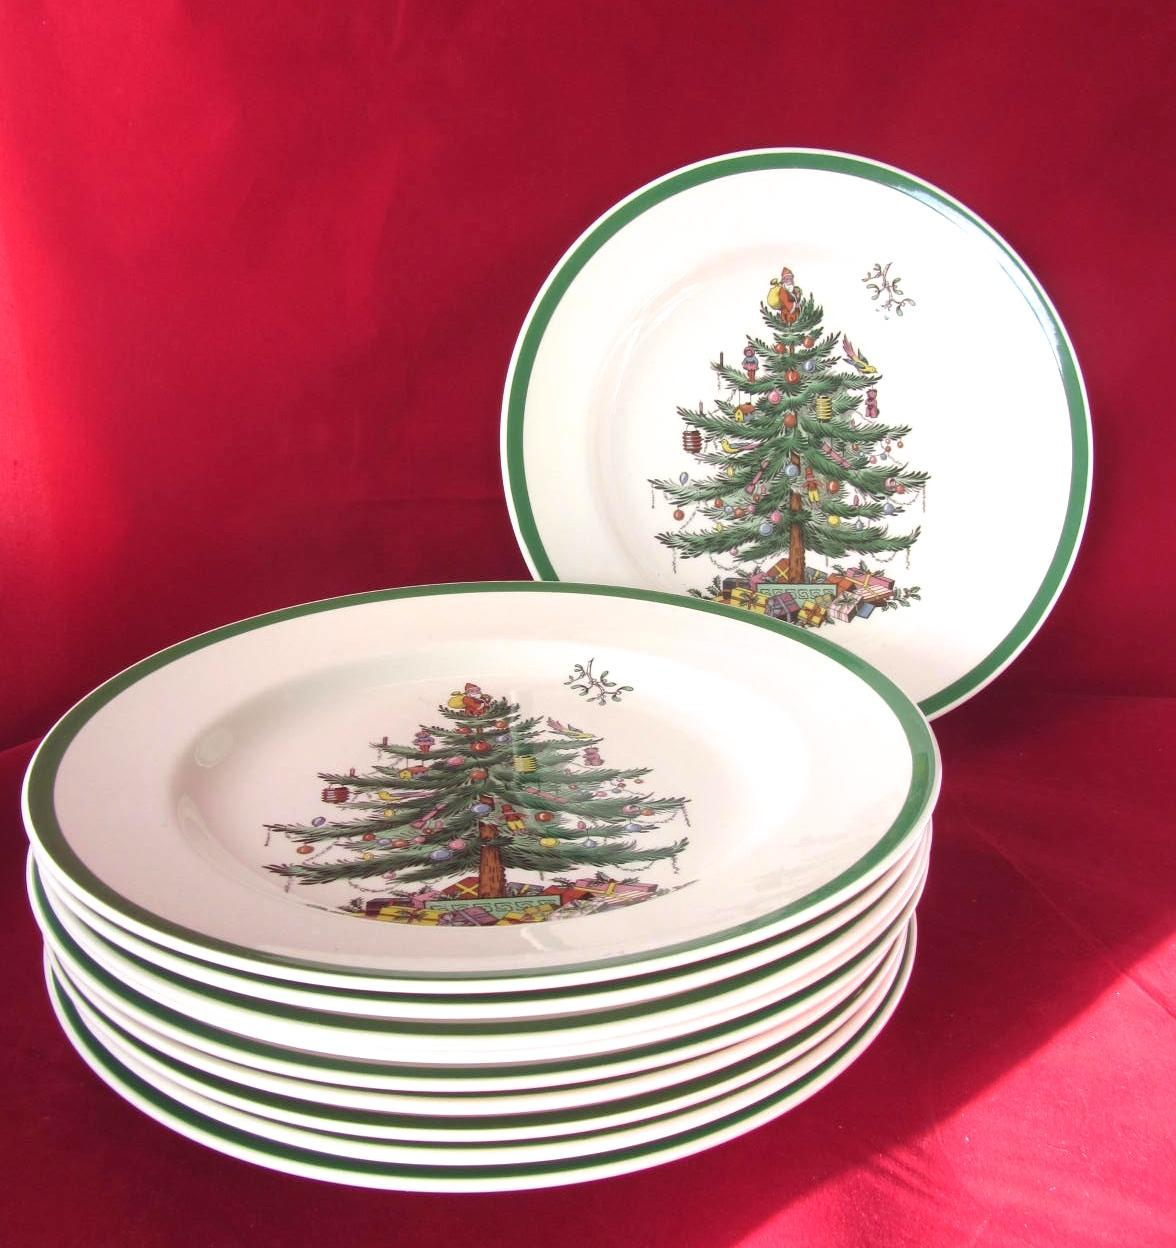 Spode Christmas Tree Dinner Plates